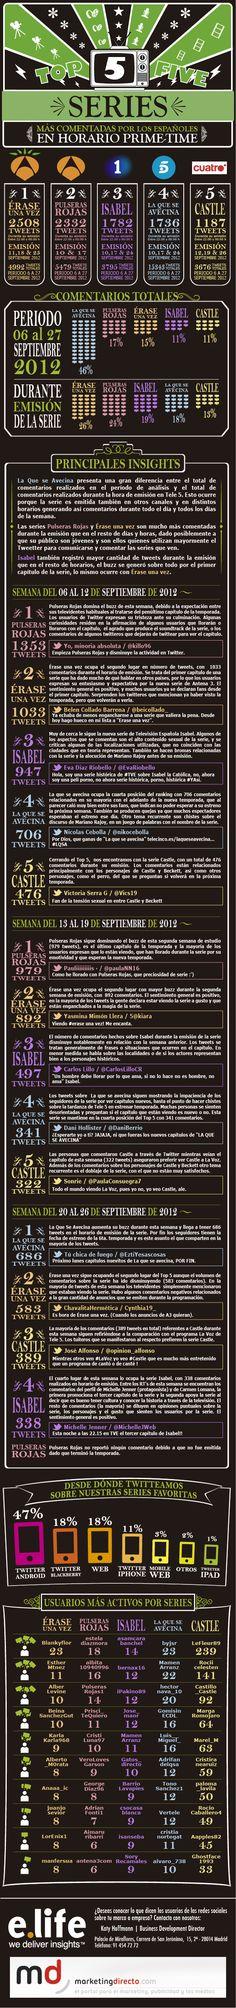 Top 5 series españolas en redes sociales (septiembre/2012) #infografia